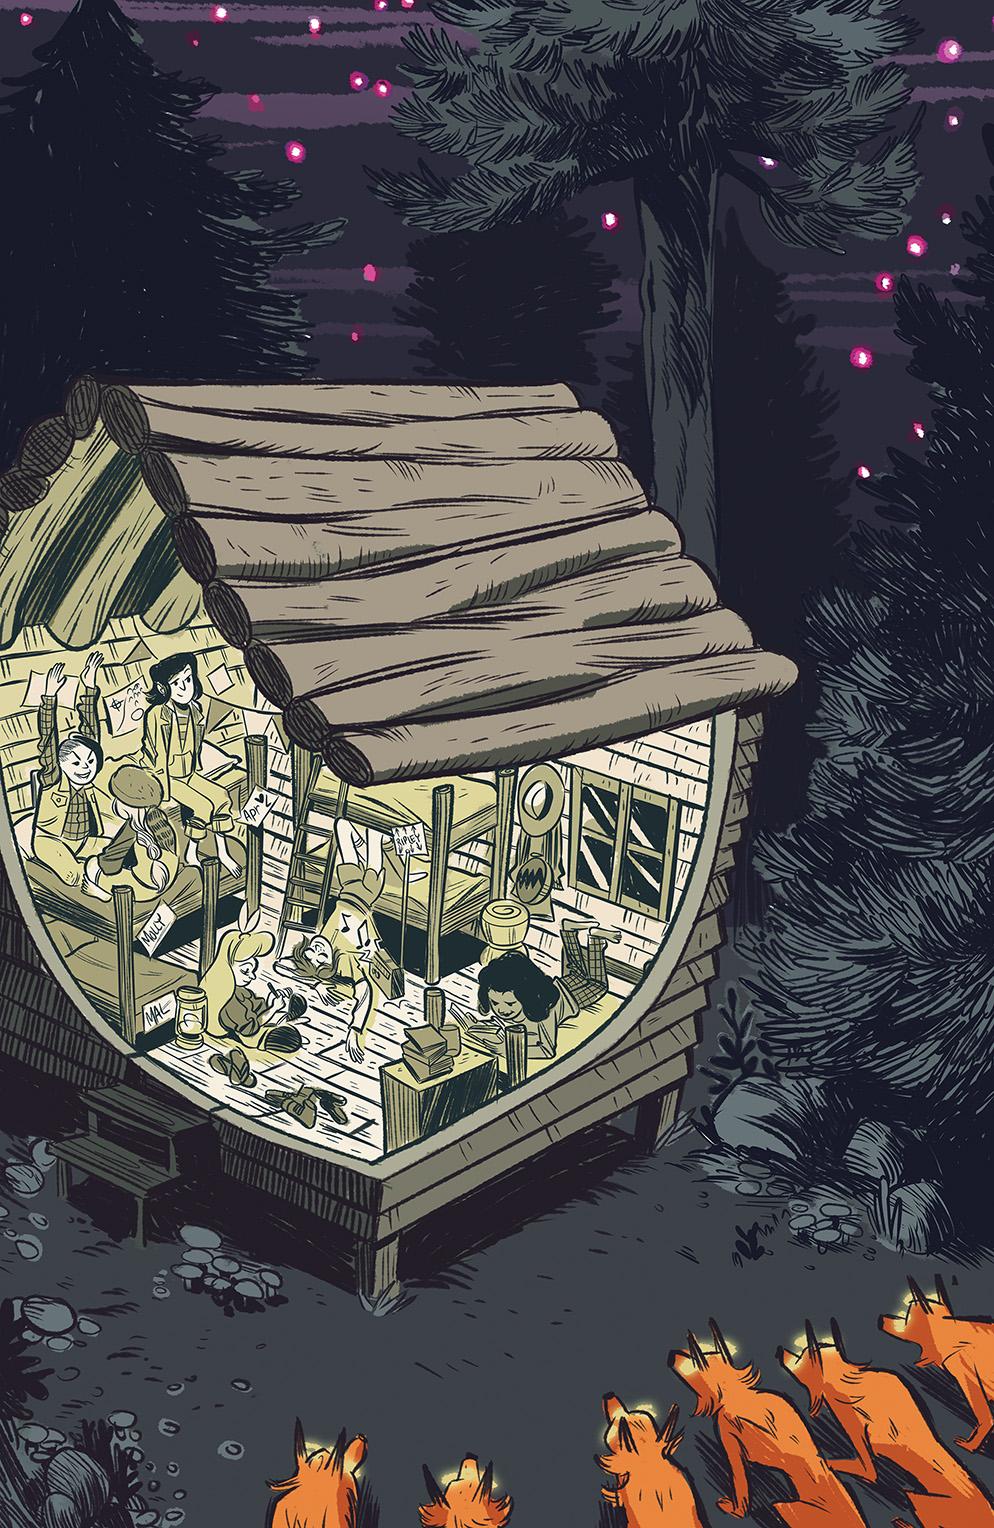 Lumberjanes #10 Cover A by Noelle Stevenson